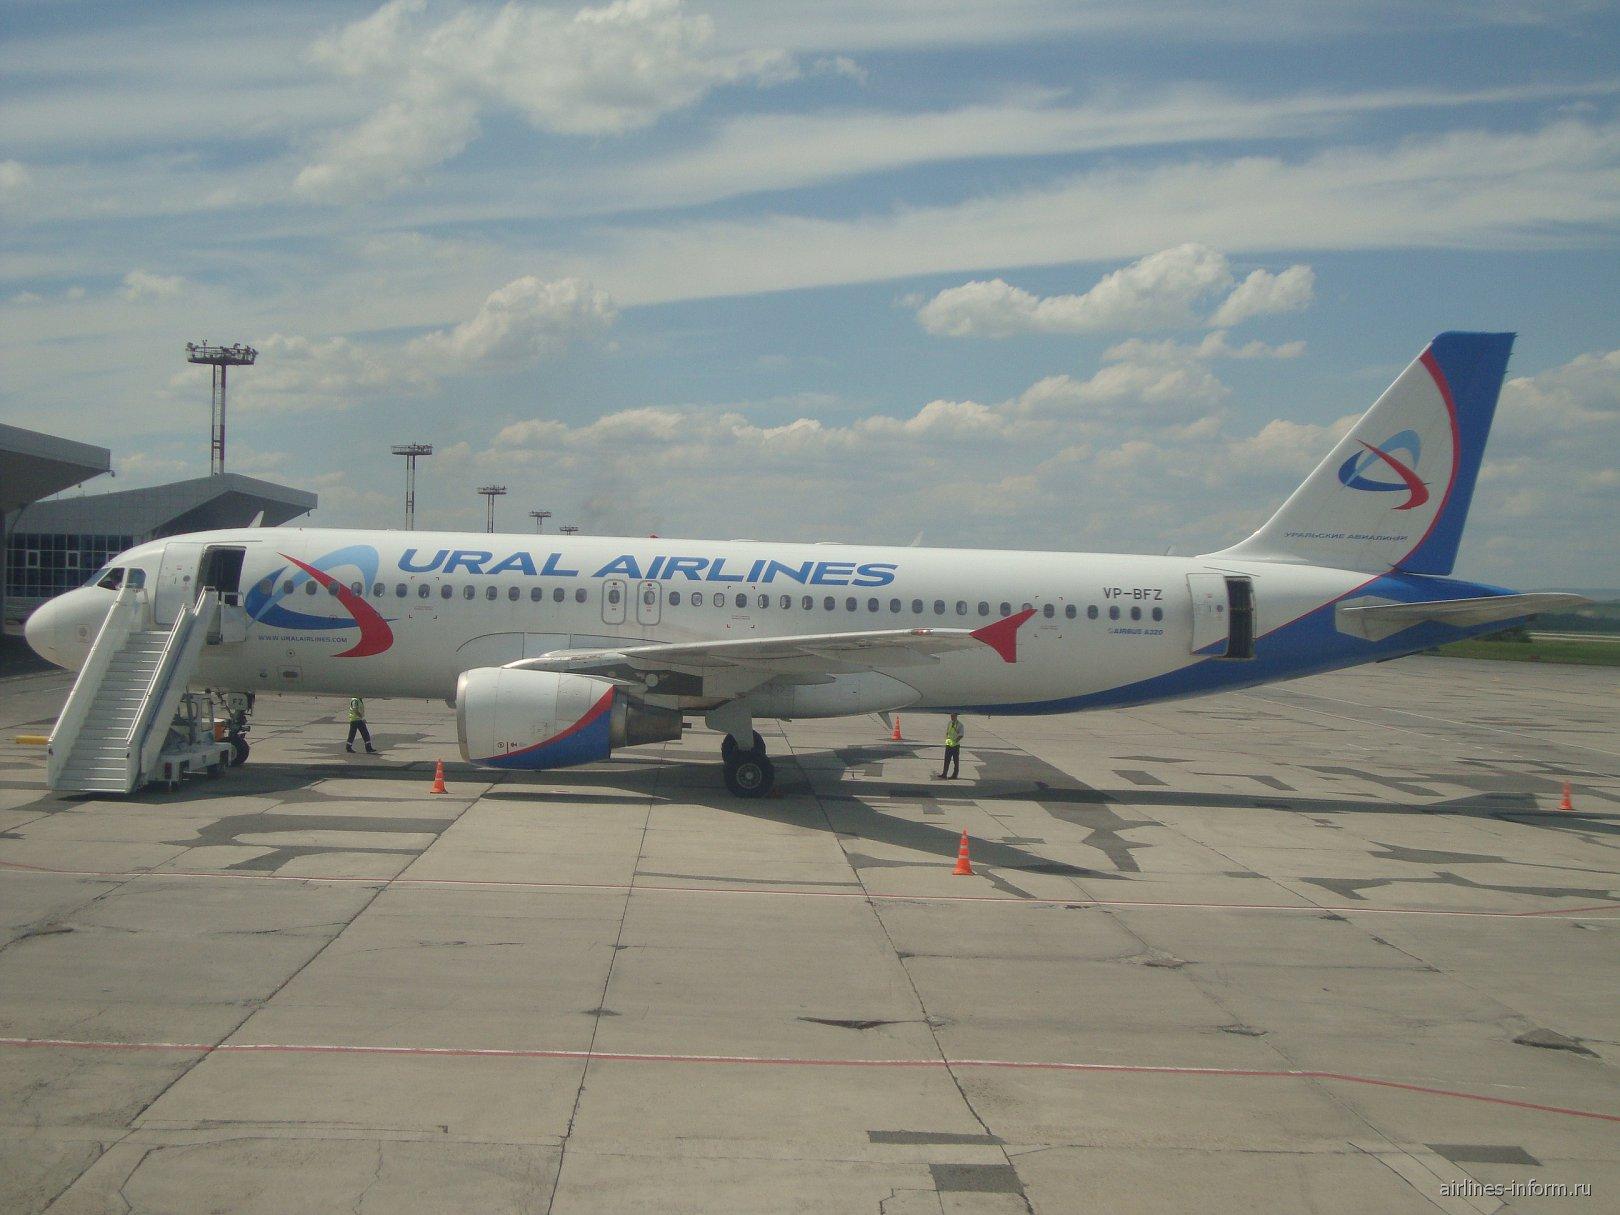 Airbus A320 VP-BFZ Уральских авиалиний в аэропорту Минеральные Воды